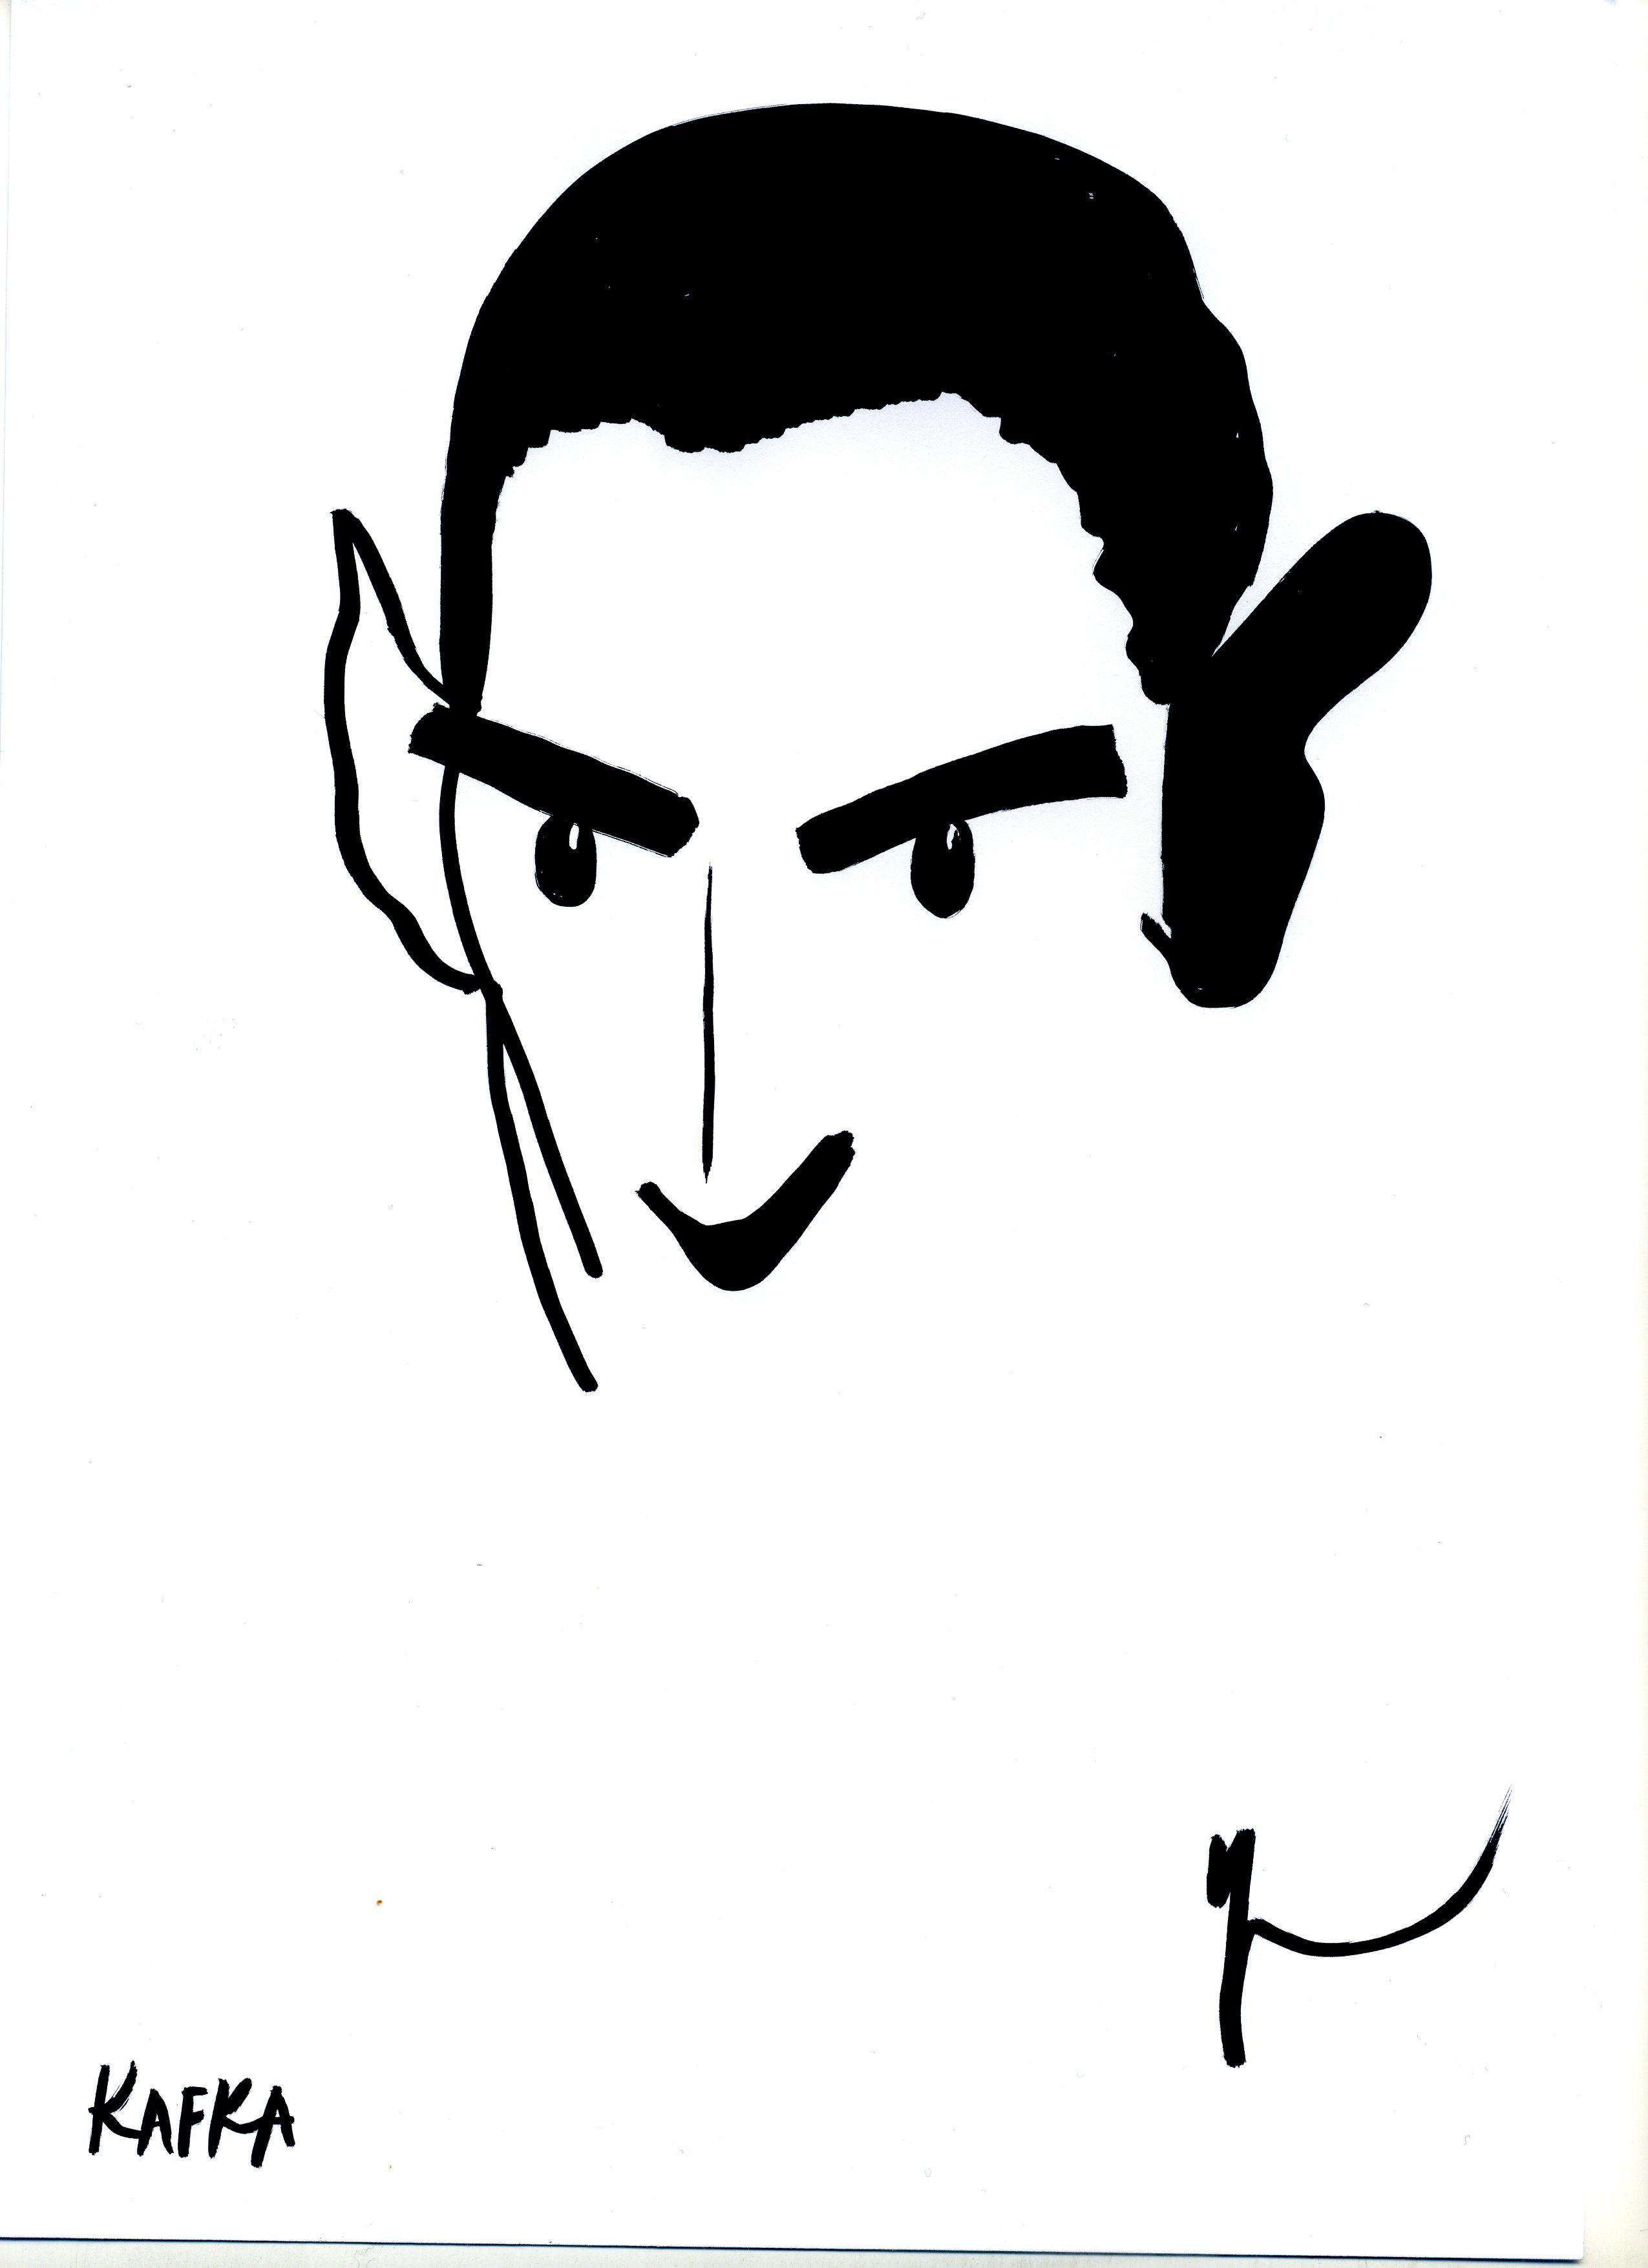 Portrait de Franz Kafka dessiné par Yann Moix